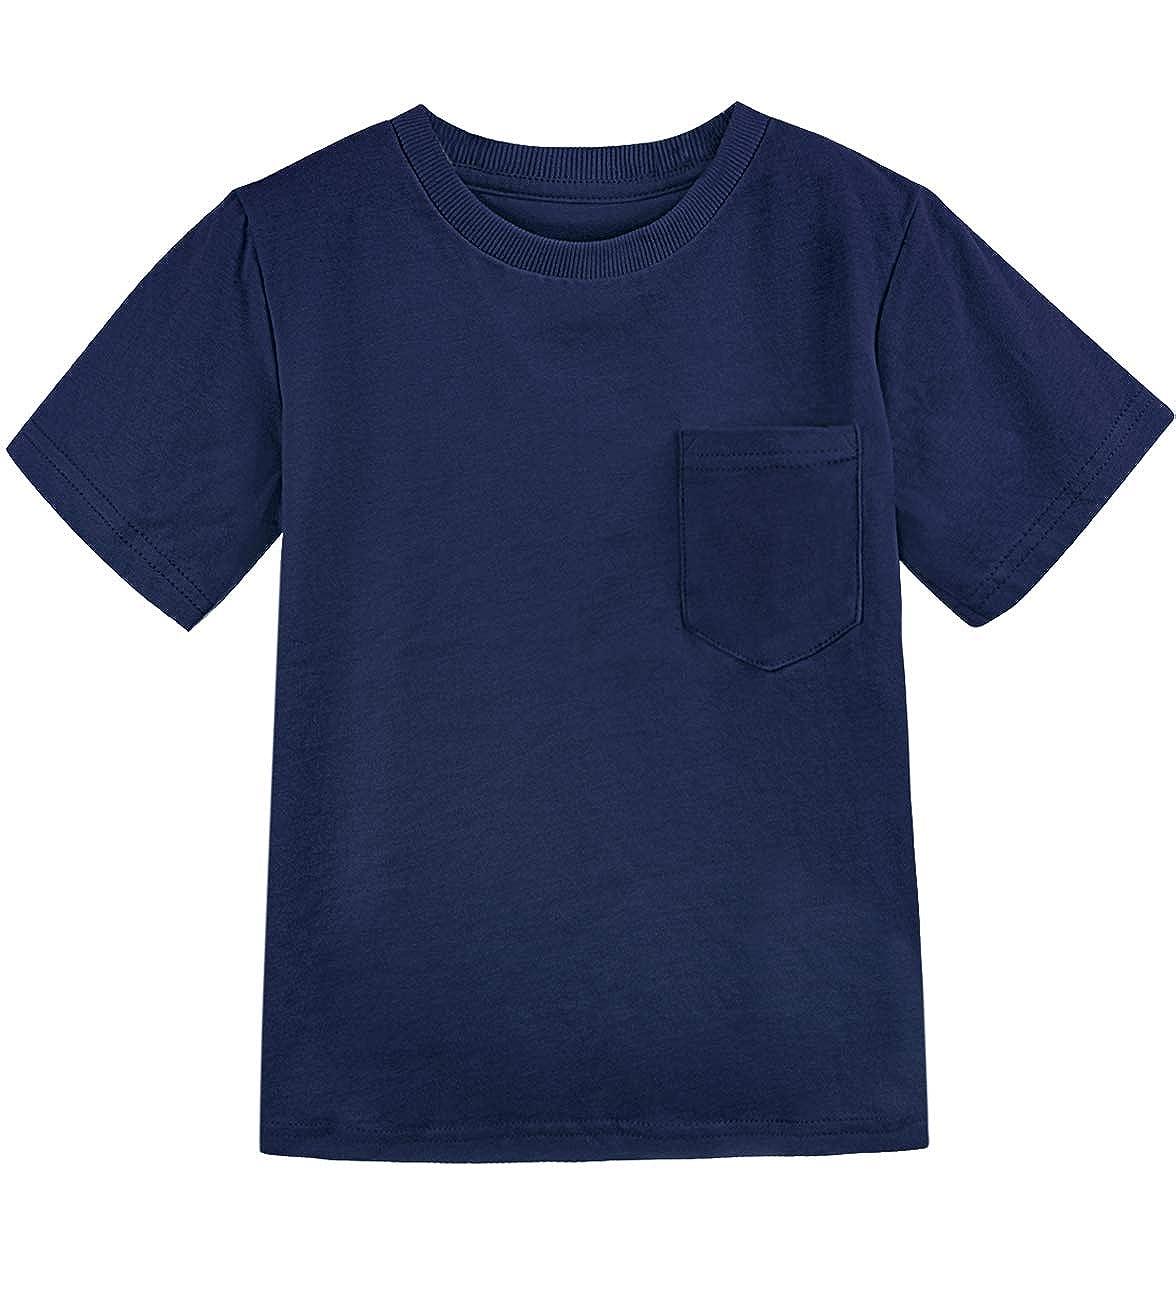 COSLAND Toddler /& Kids Boys Heavyweight Pocket T-Shirt